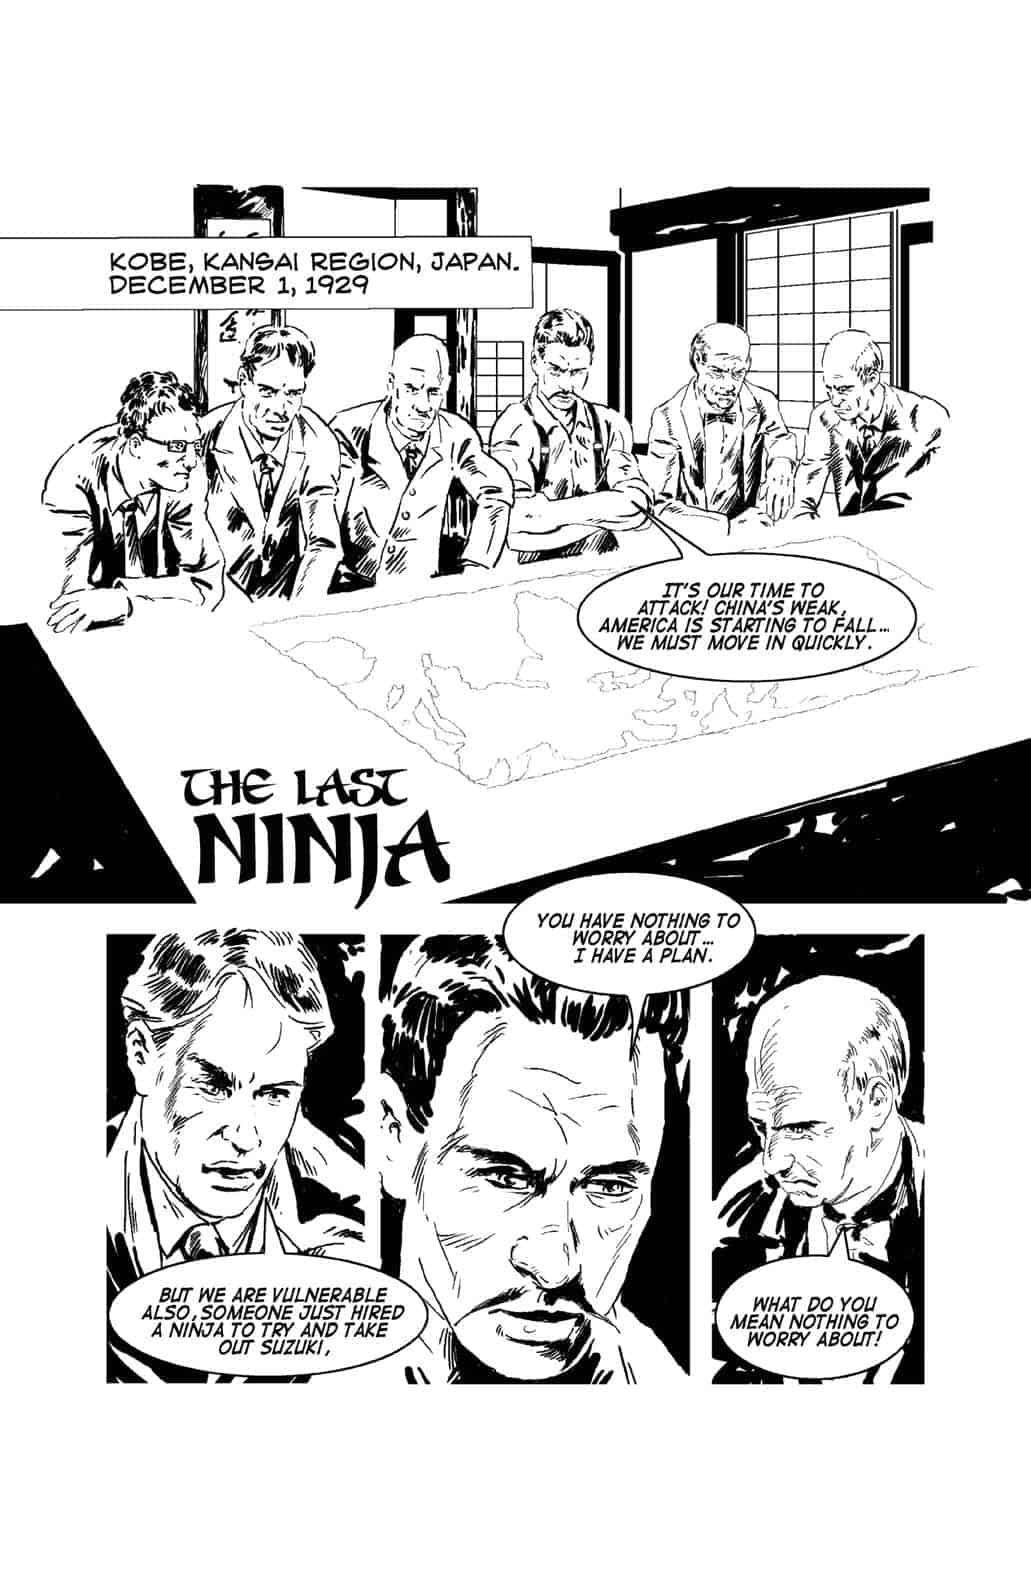 The-Last-Ninja-image-01